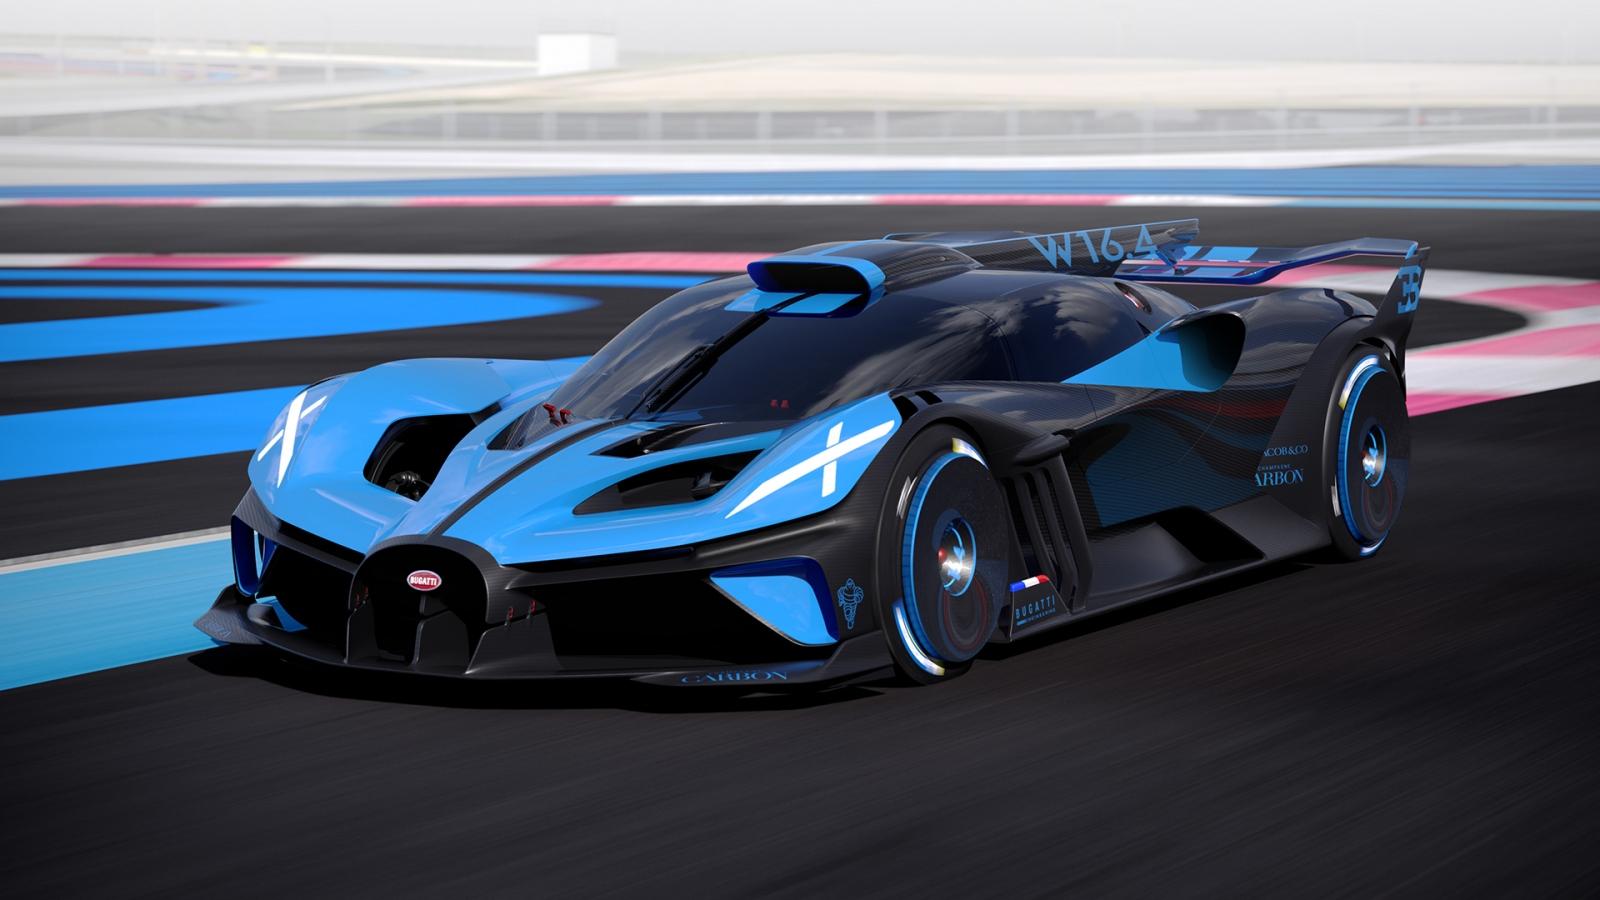 Khám phá siêu phẩm đường đua Bugatti Bolide